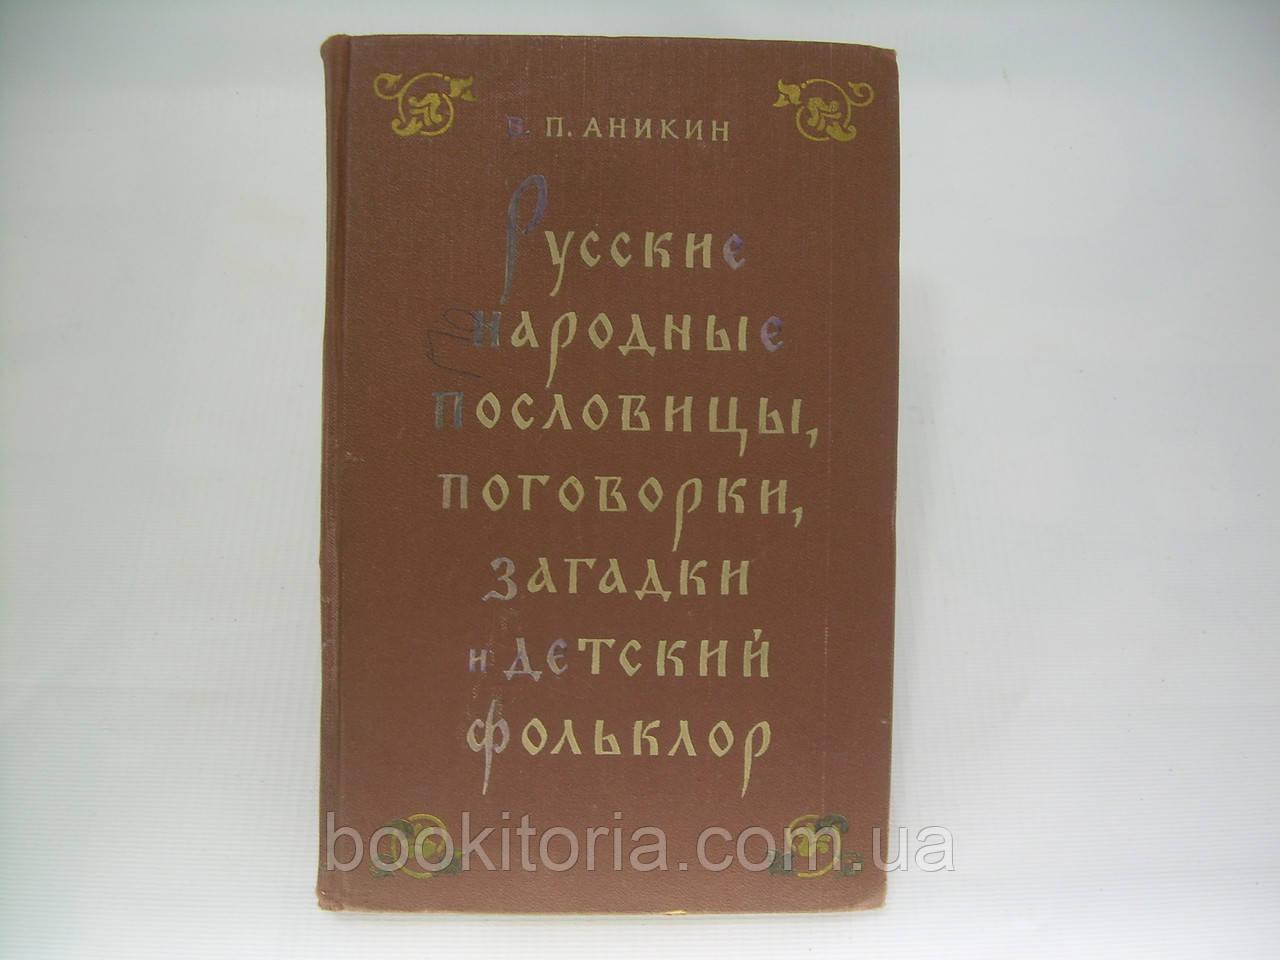 Аникин В.П. Русские народные пословицы, поговорки, загадки и детский фольклор (б/у).